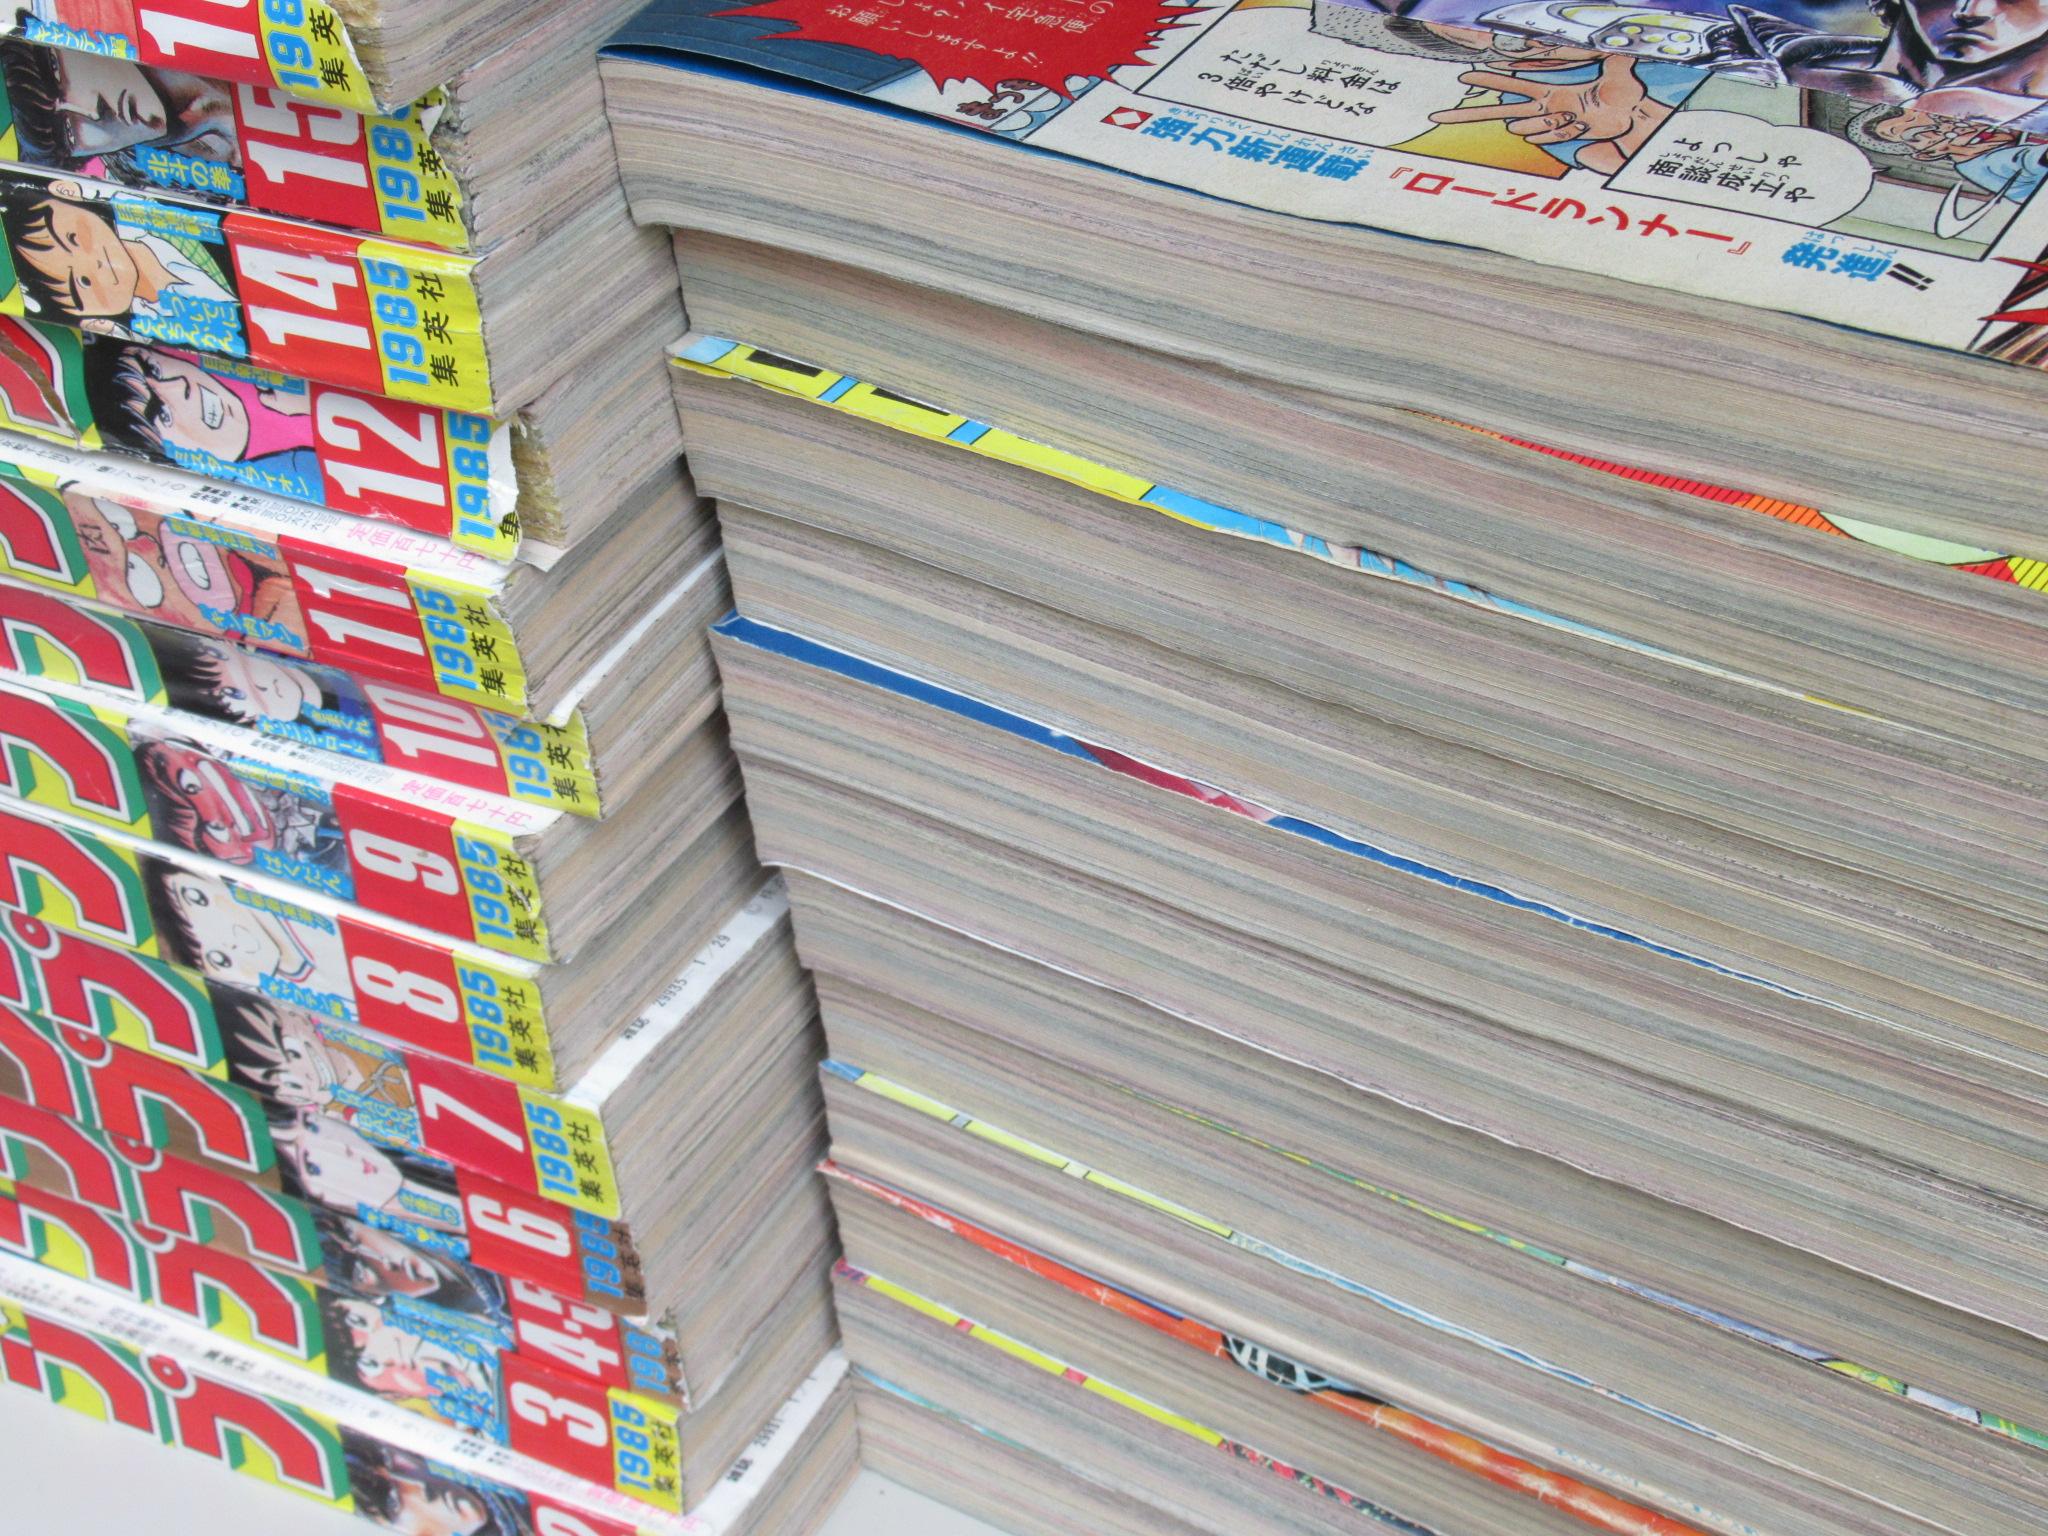 週刊少年ジャンプ1985年買取